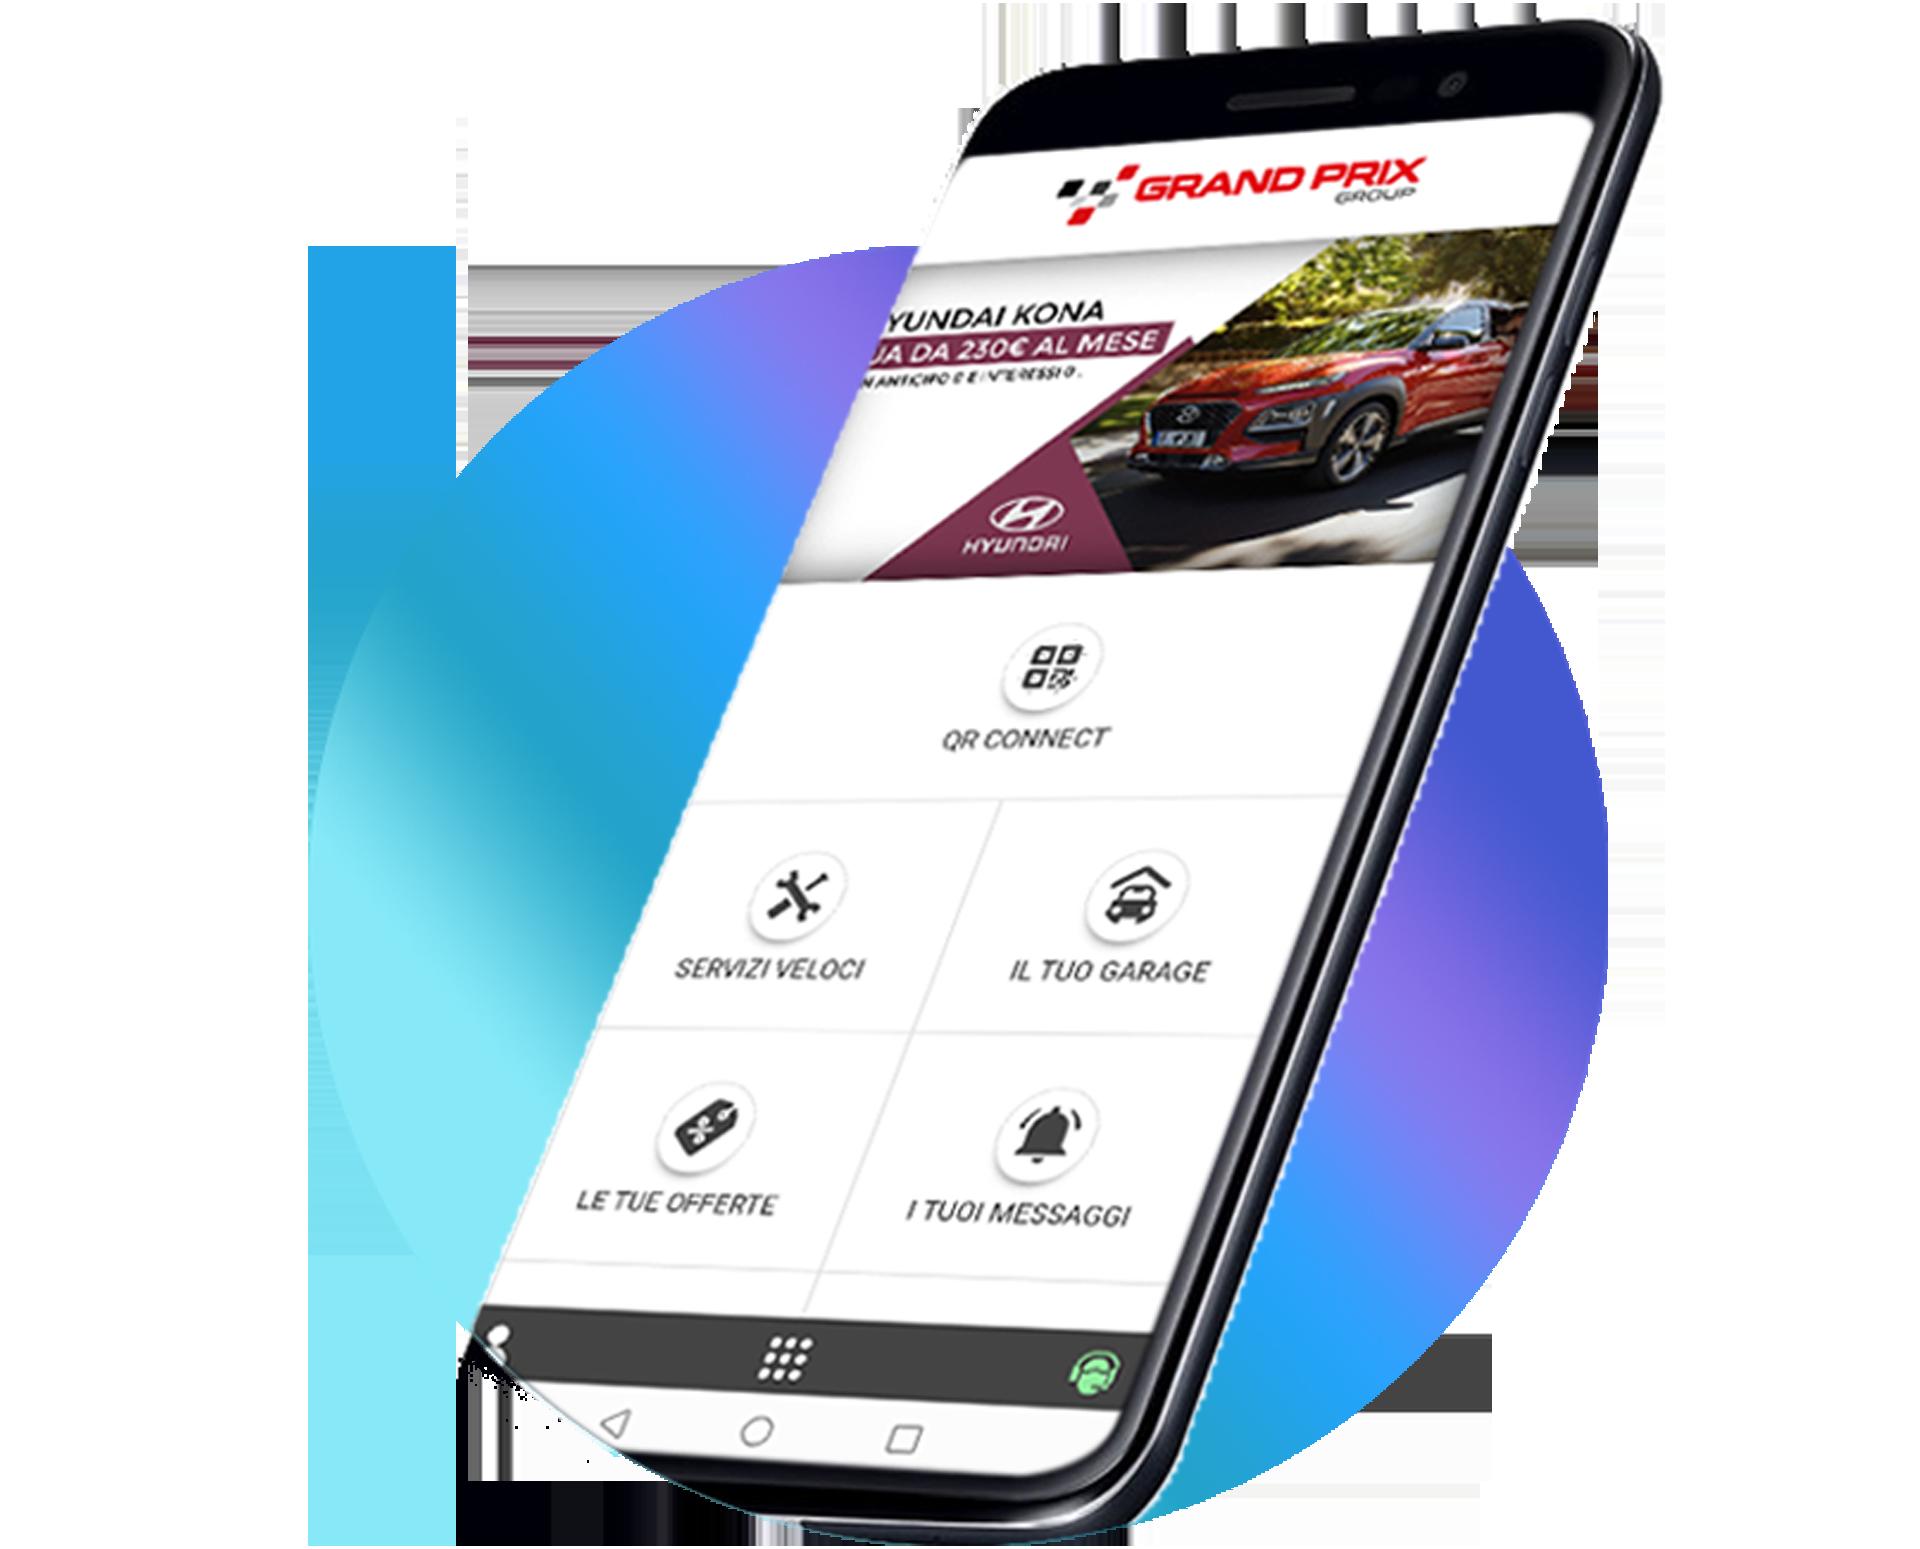 app-servizi-concessionaria-grand-prix